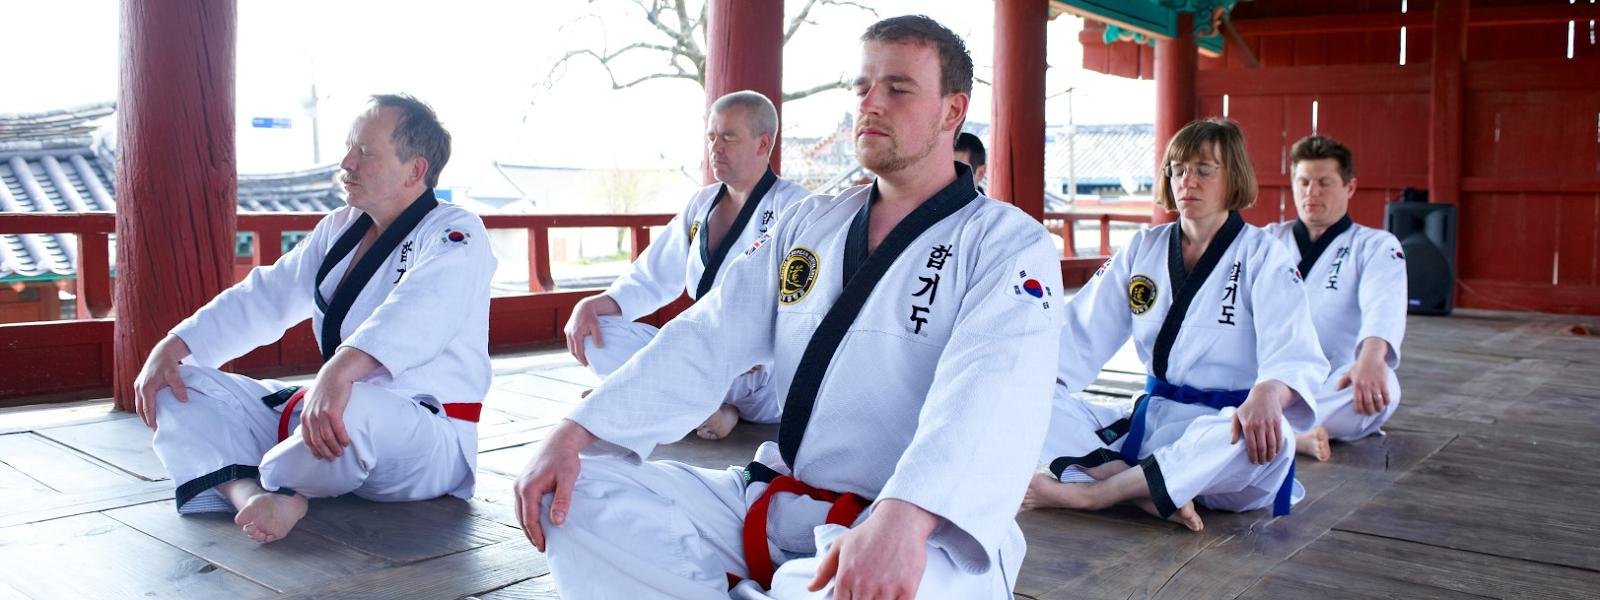 Skma Hapkido In London Surrey